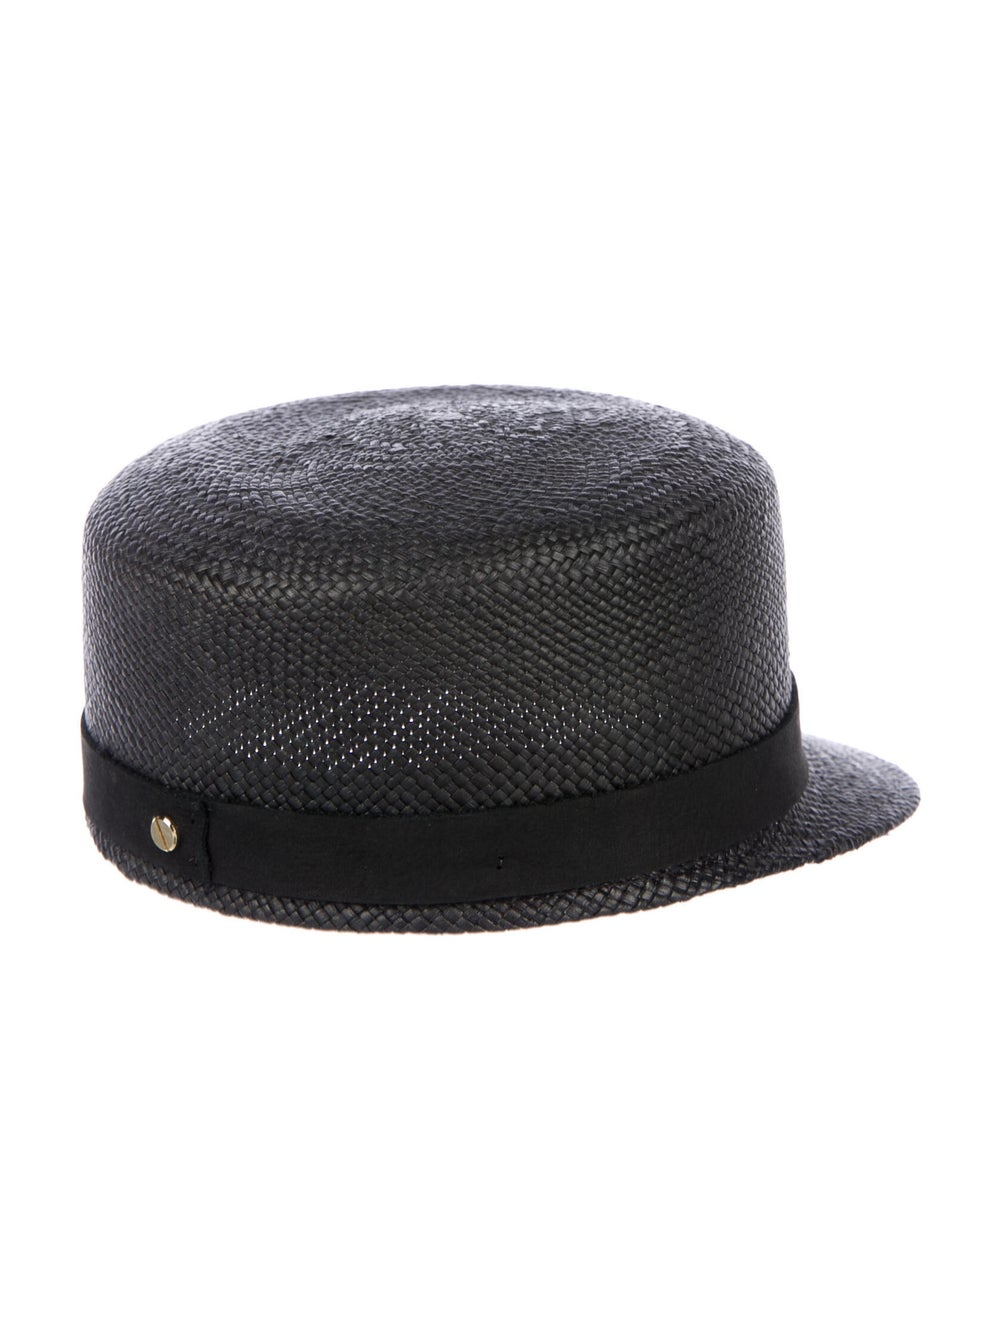 Janessa Leone Woven Straw Cap Black - image 2